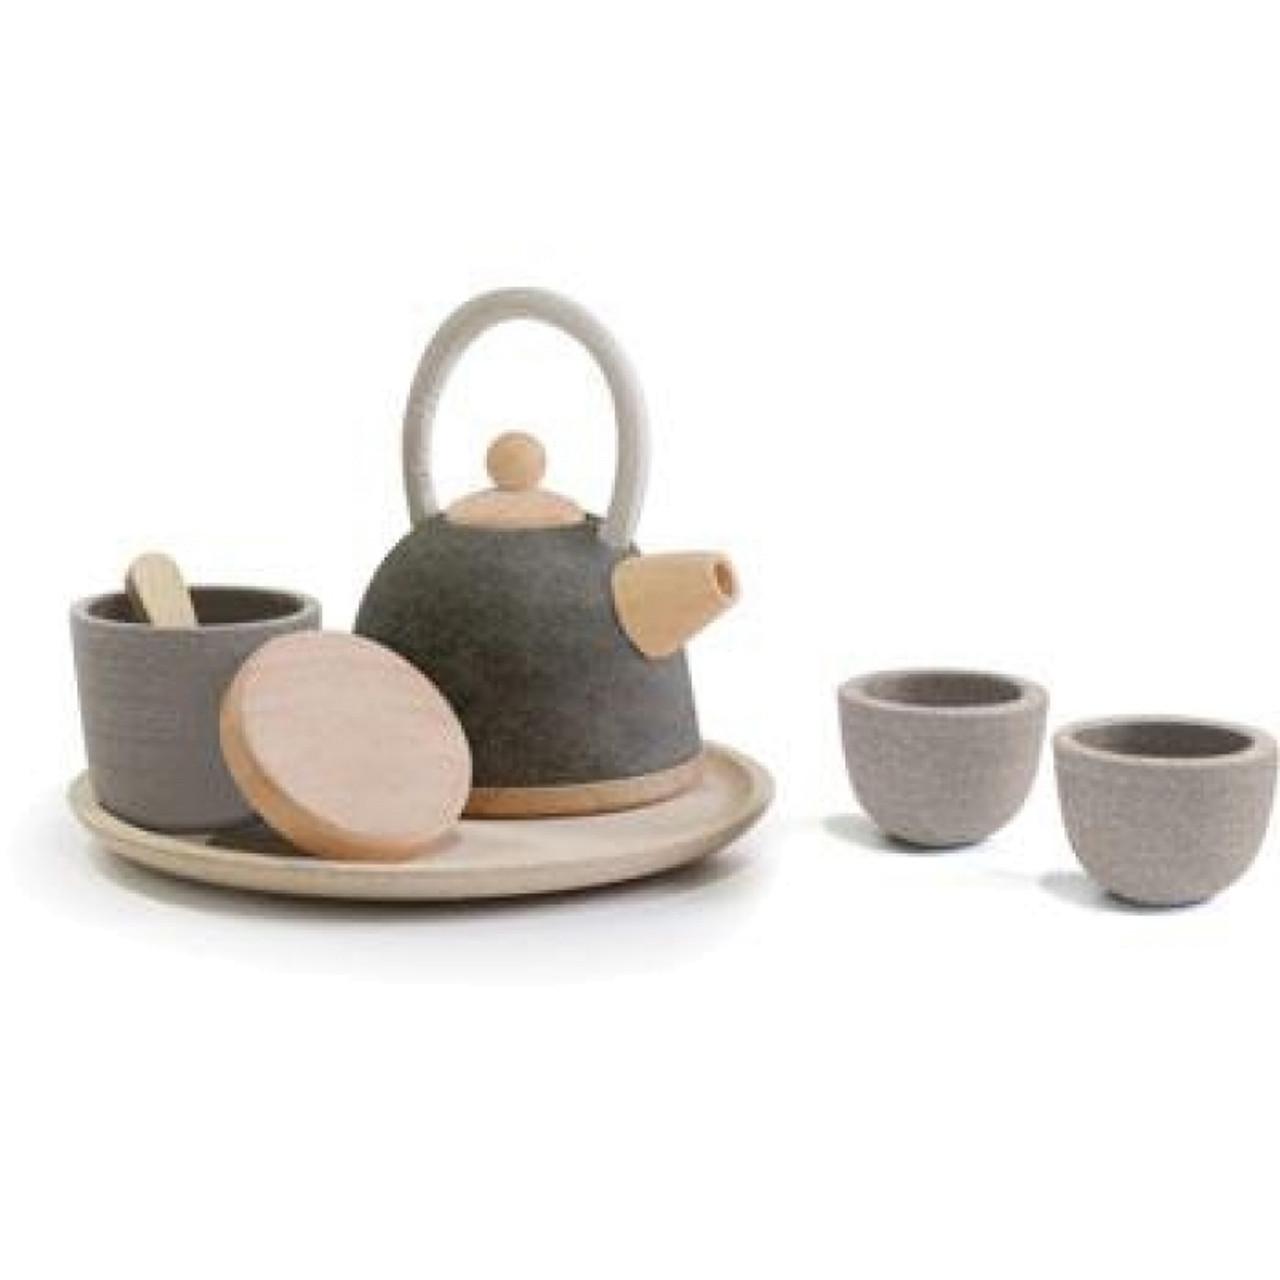 Wooden Tea Set - Oriental Style